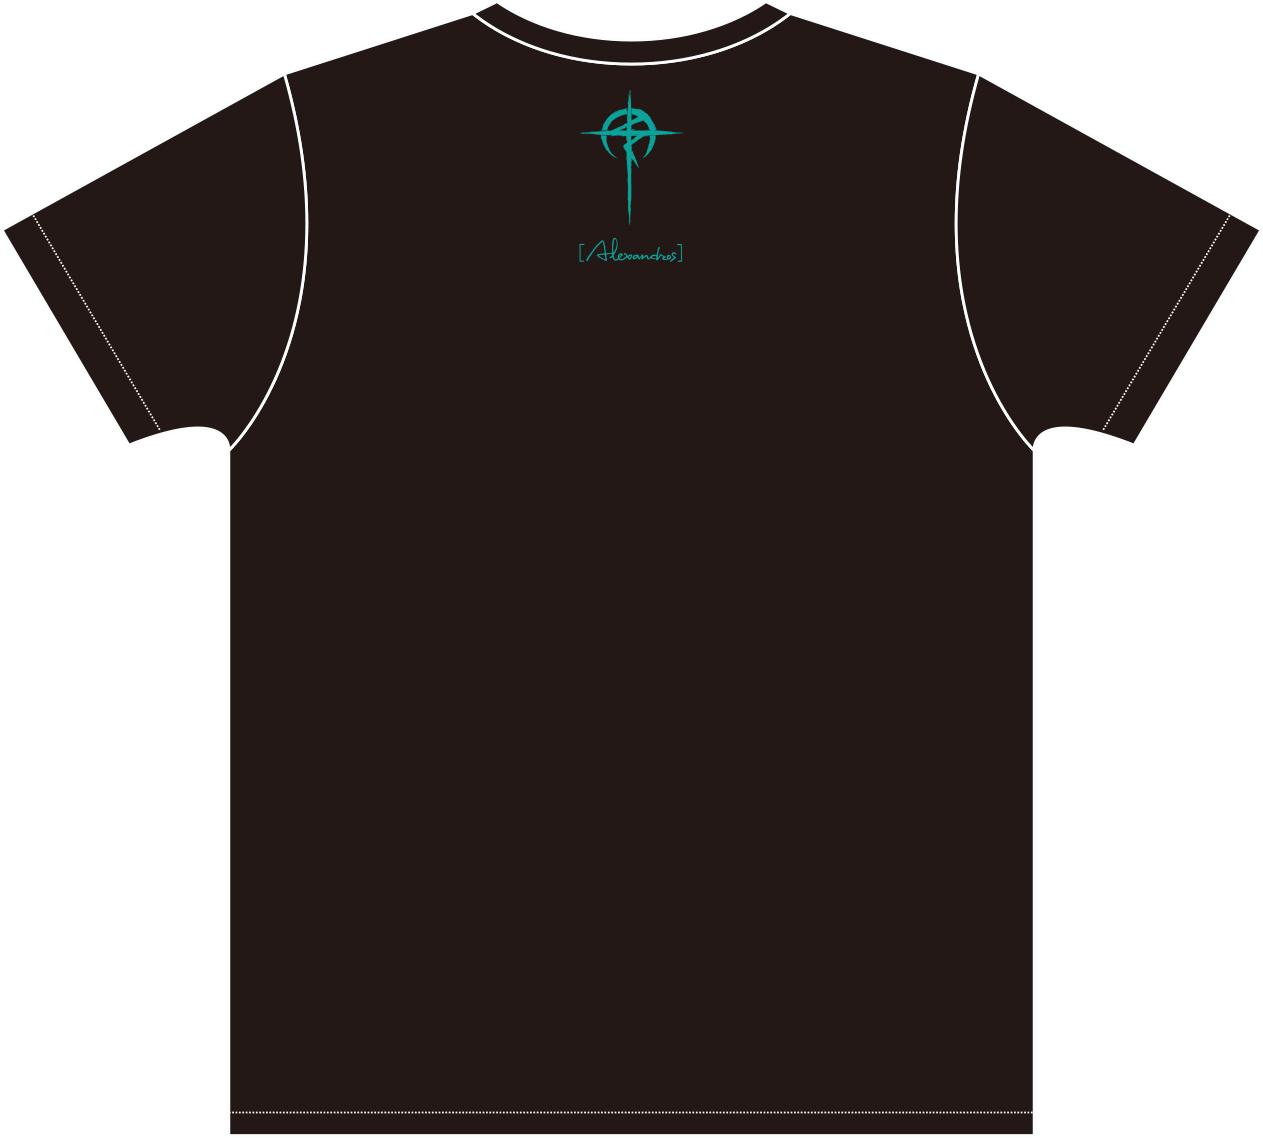 【受注生産】[Alexandros]×閃光のハサウェイ グラフィックTシャツ